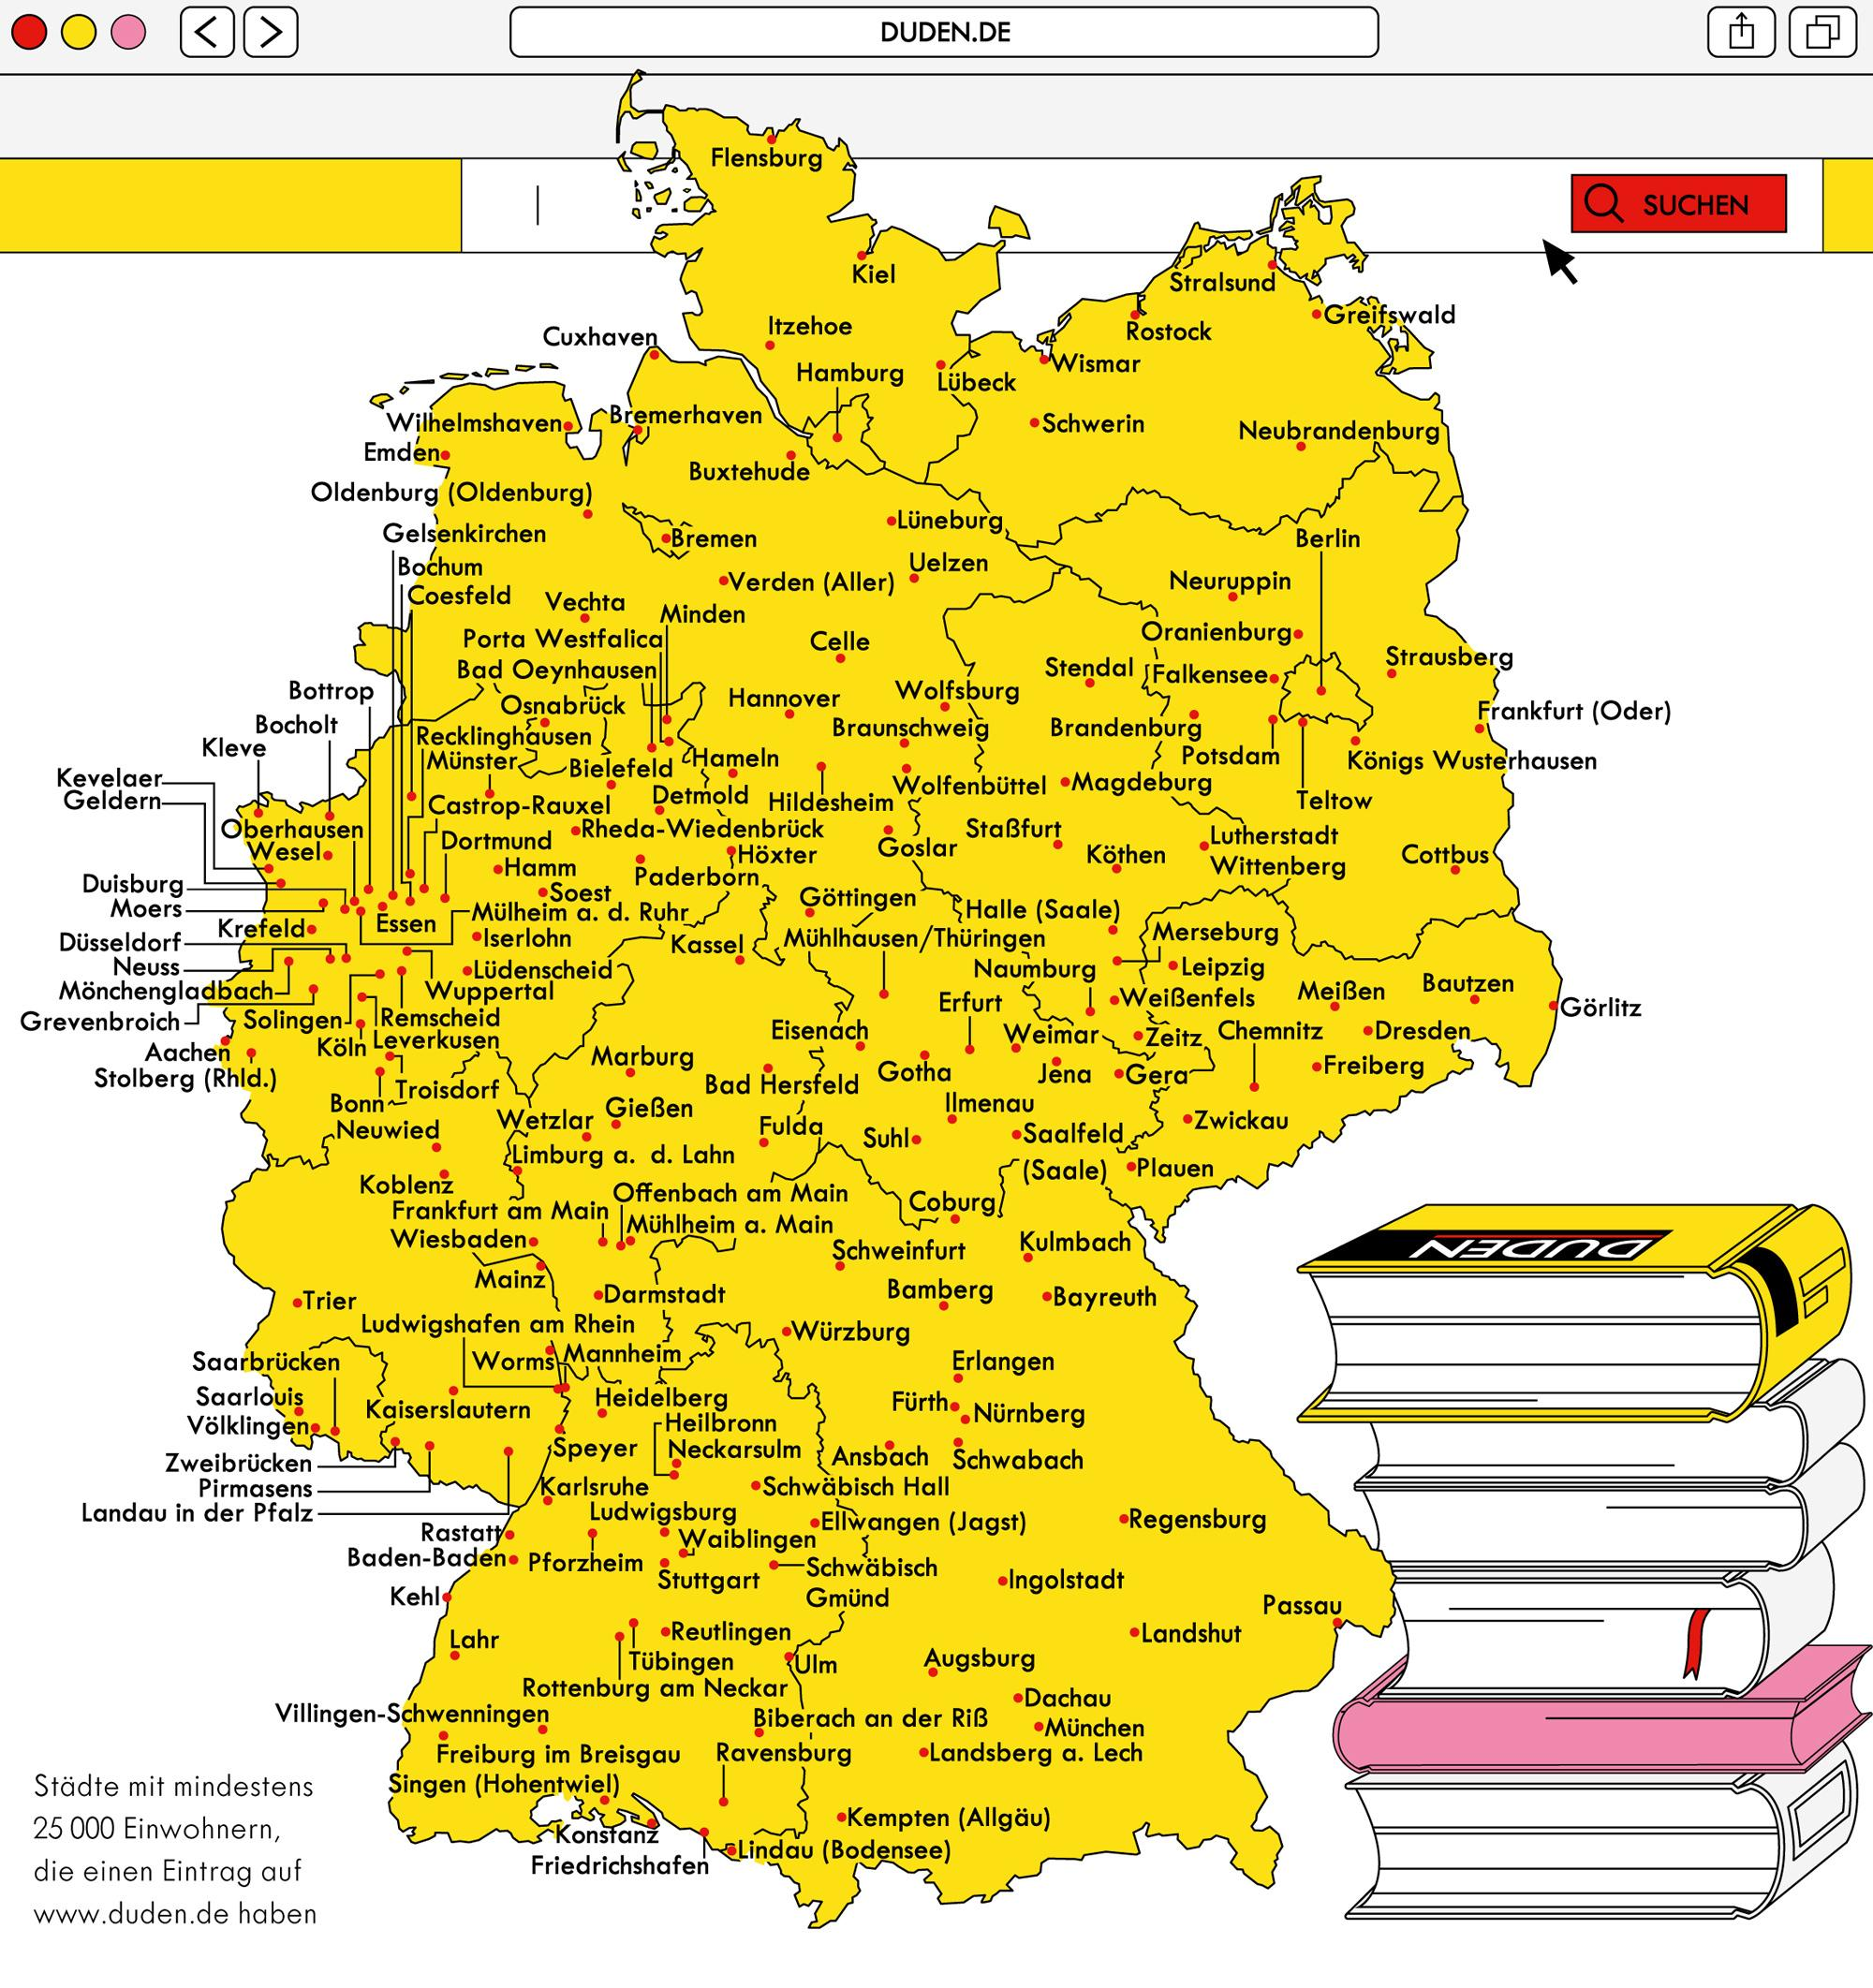 Deutschlandkarte: Städte im Duden